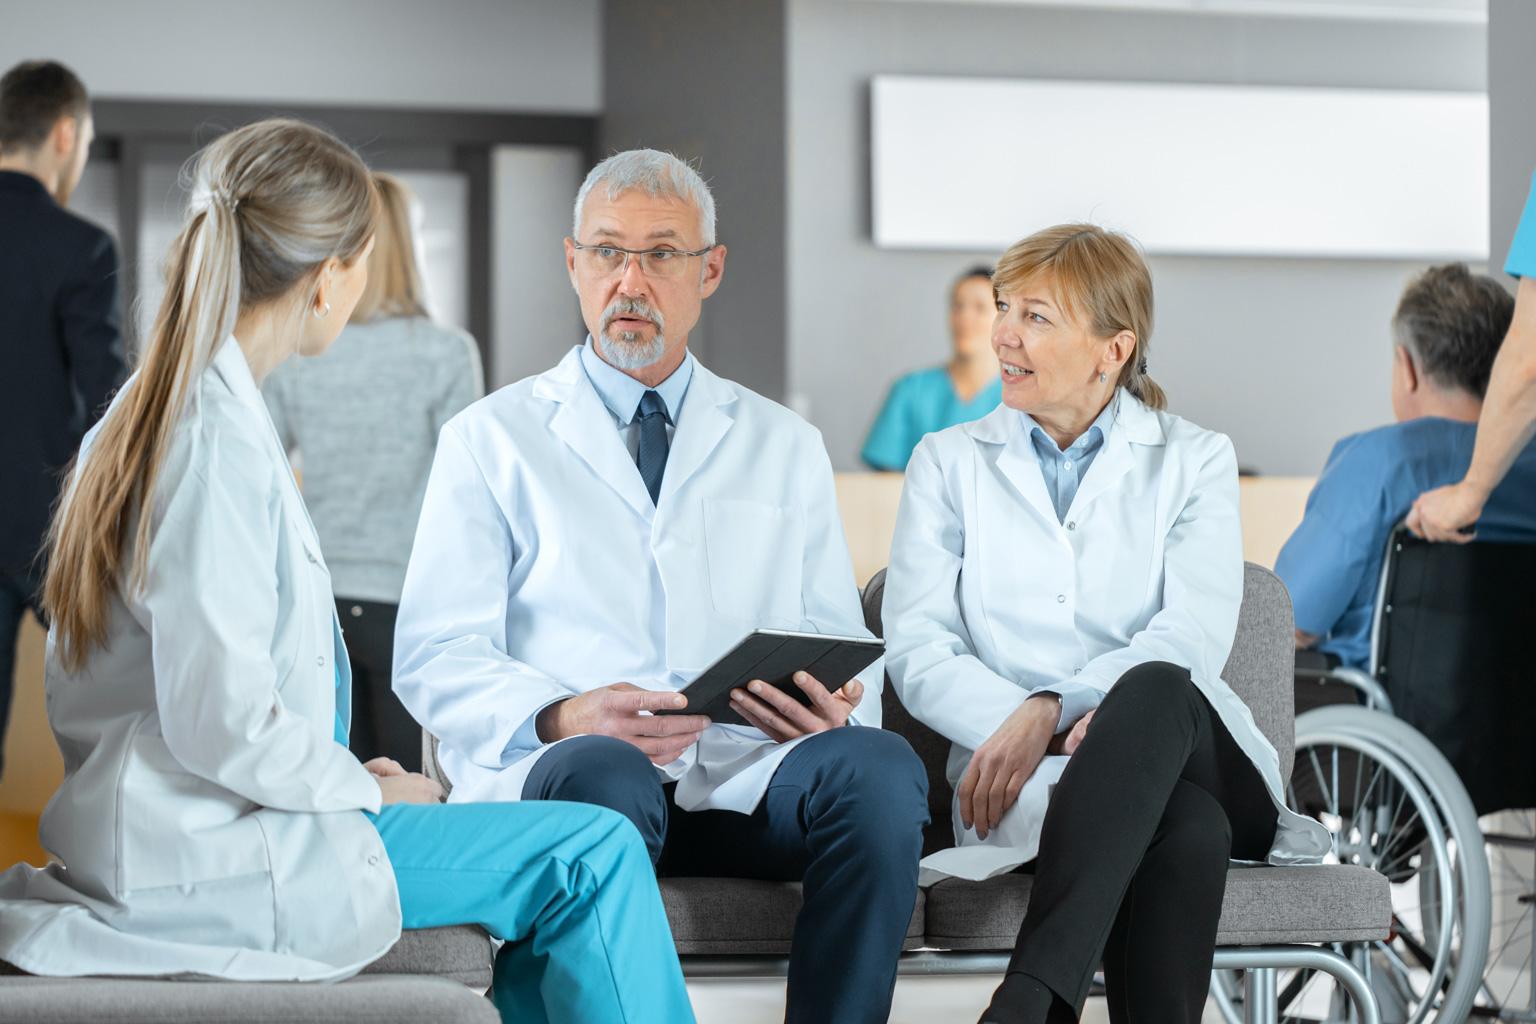 Grupa lekarzy siedzi na ławce w szpitalu rozmawiając o zarządzaniu ryzykiem w Progmedica